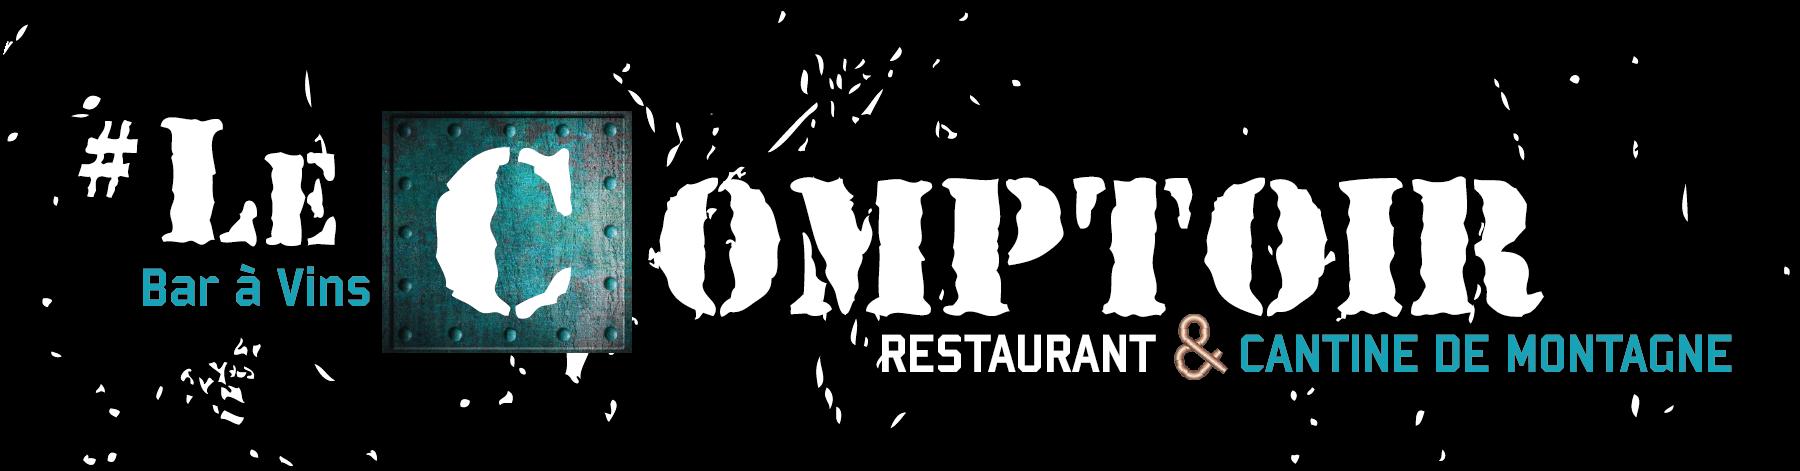 Restaurant - Cantine de Montagne - Bar à vins